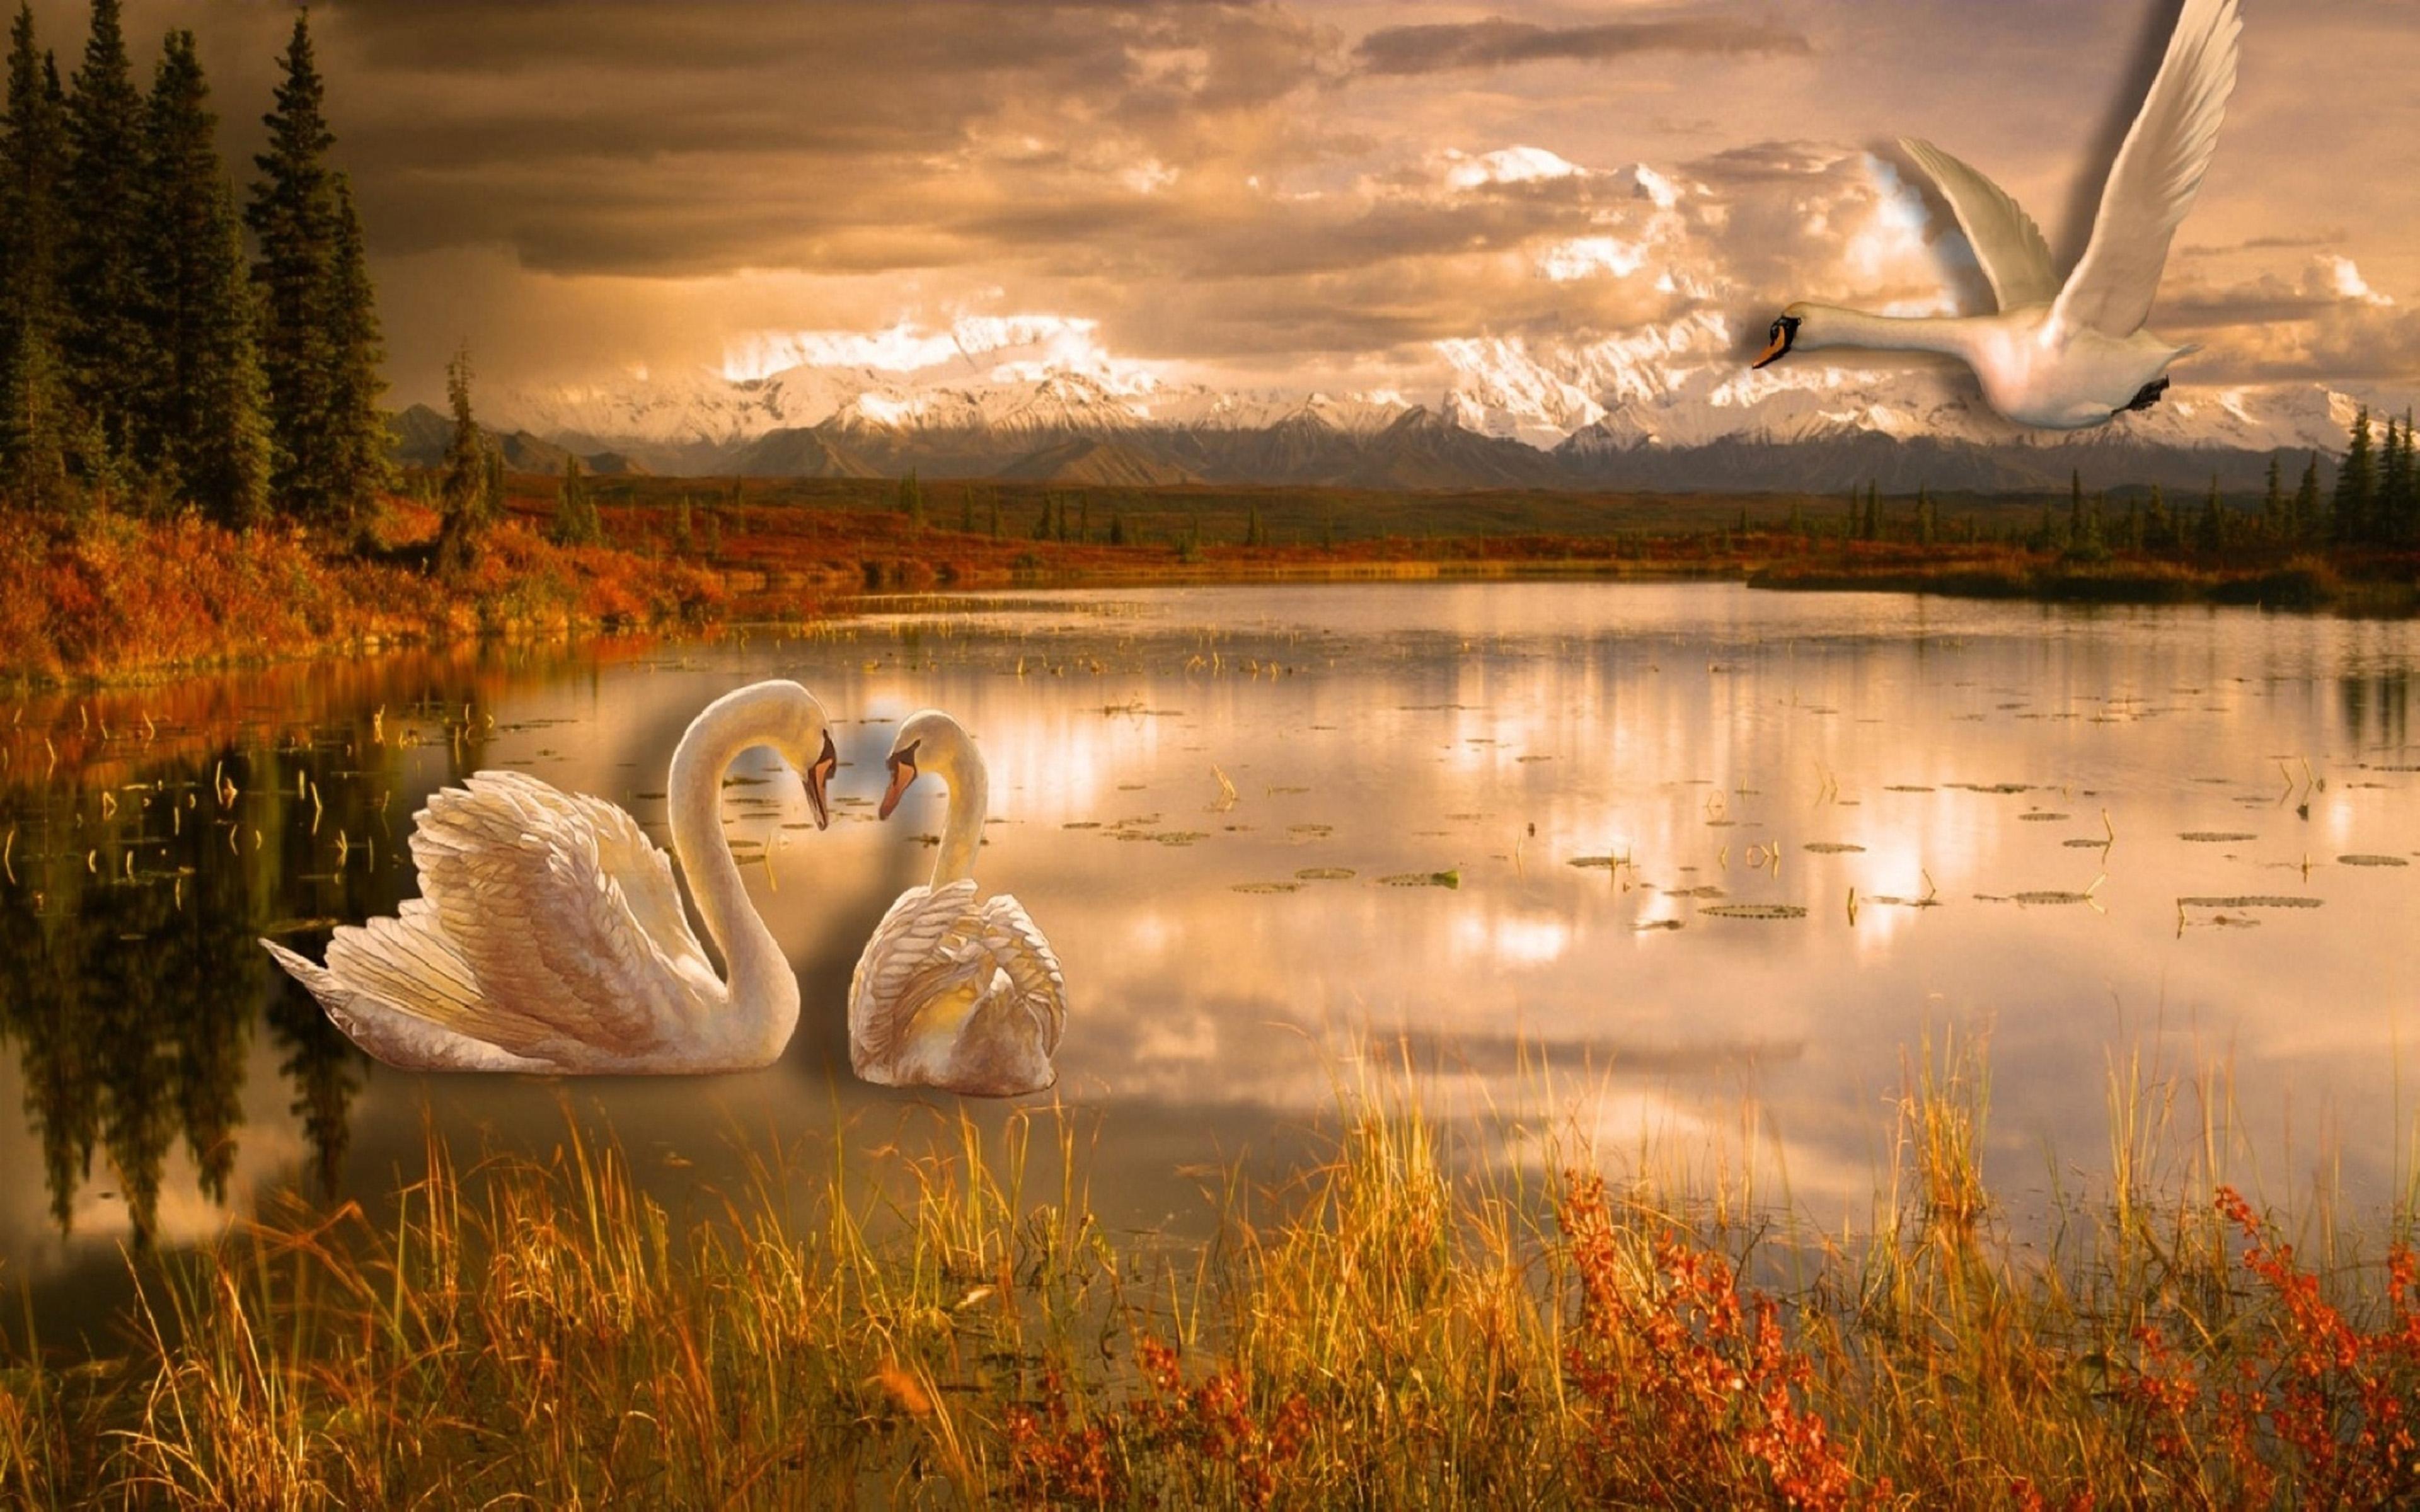 Grey Iphone X Wallpaper Swan Lake Romance Desktop Wallpaper Hd 3840x2400